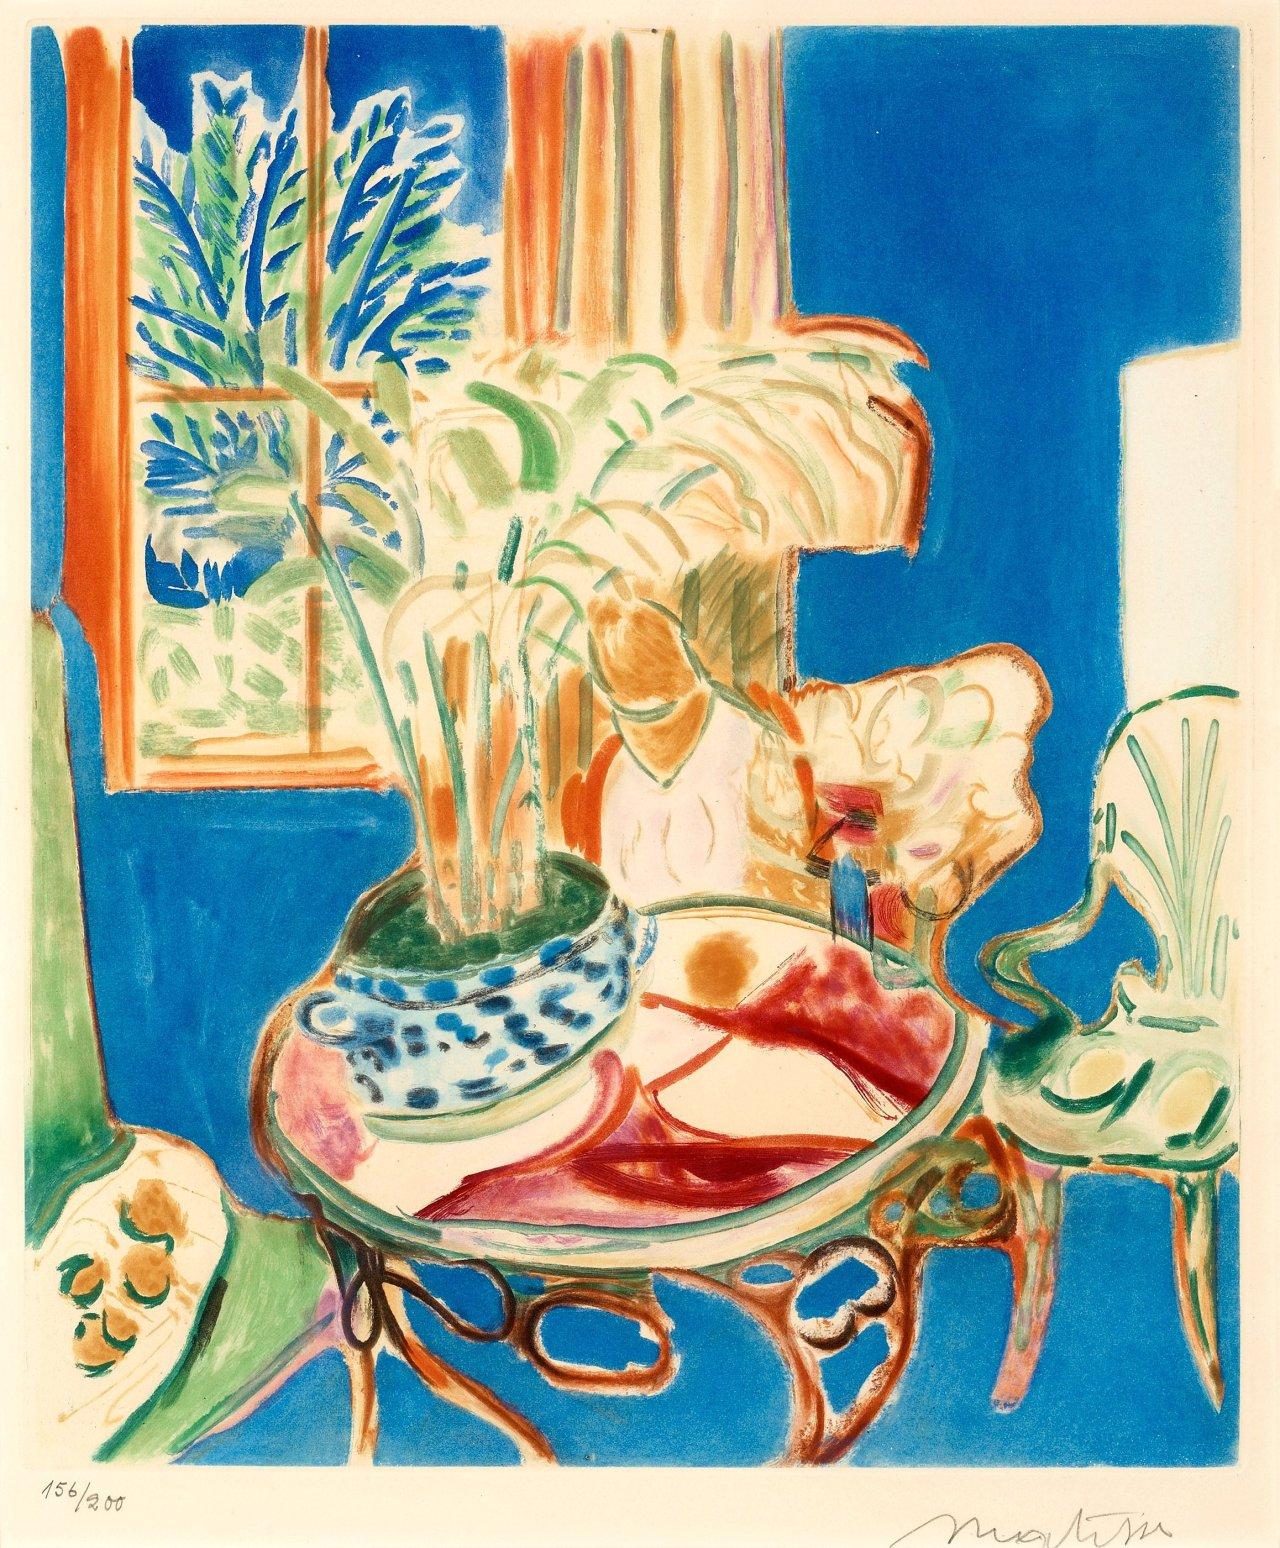 lawrenceleemagnuson:Henri Matisse Petit intérieur bleu (1952)aquatint in colours published by Maeght, Paris, 49,5 x 59,5cm